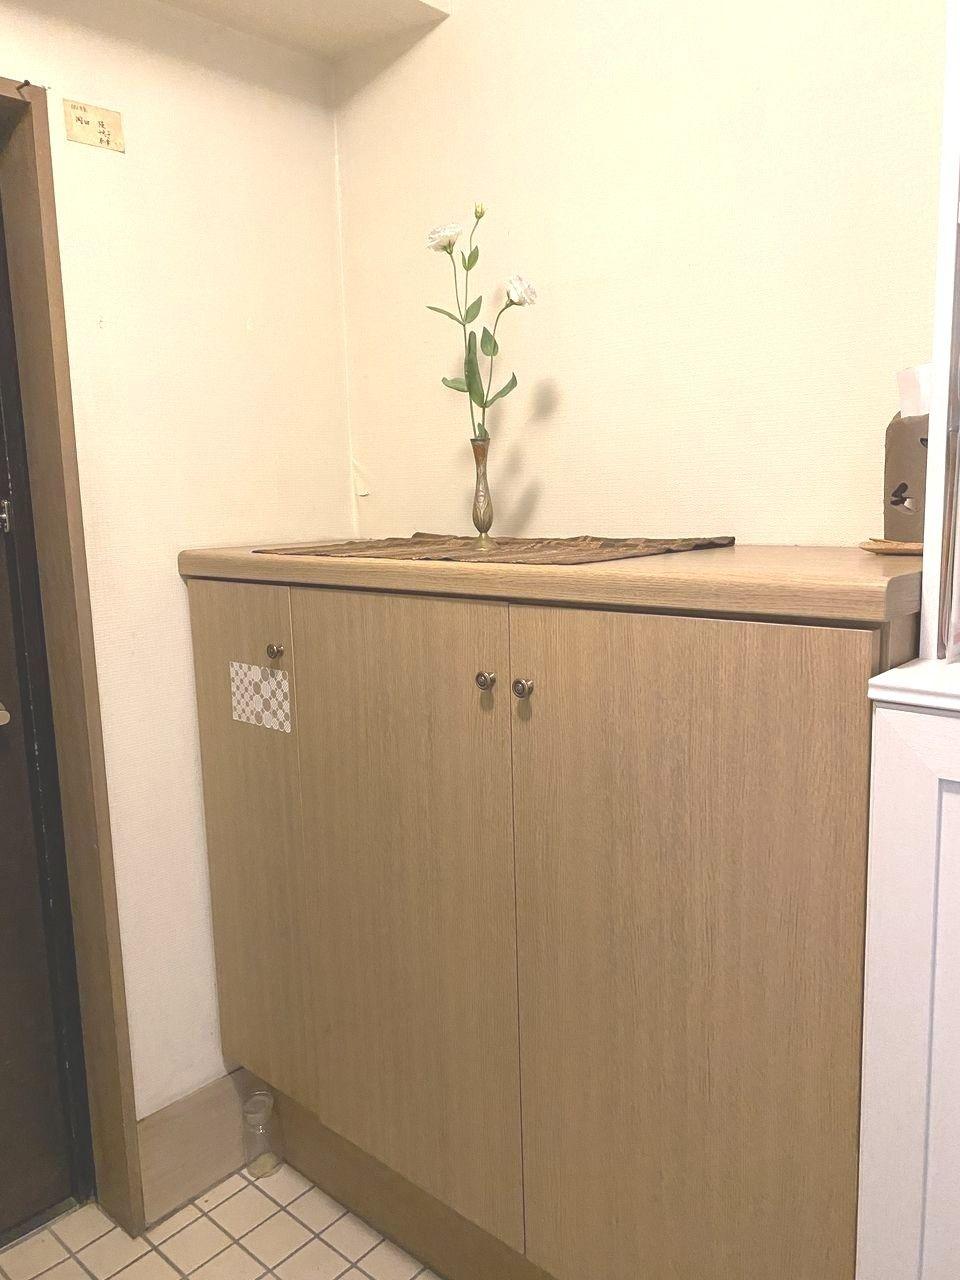 カウンタータイプのシューズボックスは、カウンターに好みの小物を飾り、自分らしさを演出できます。